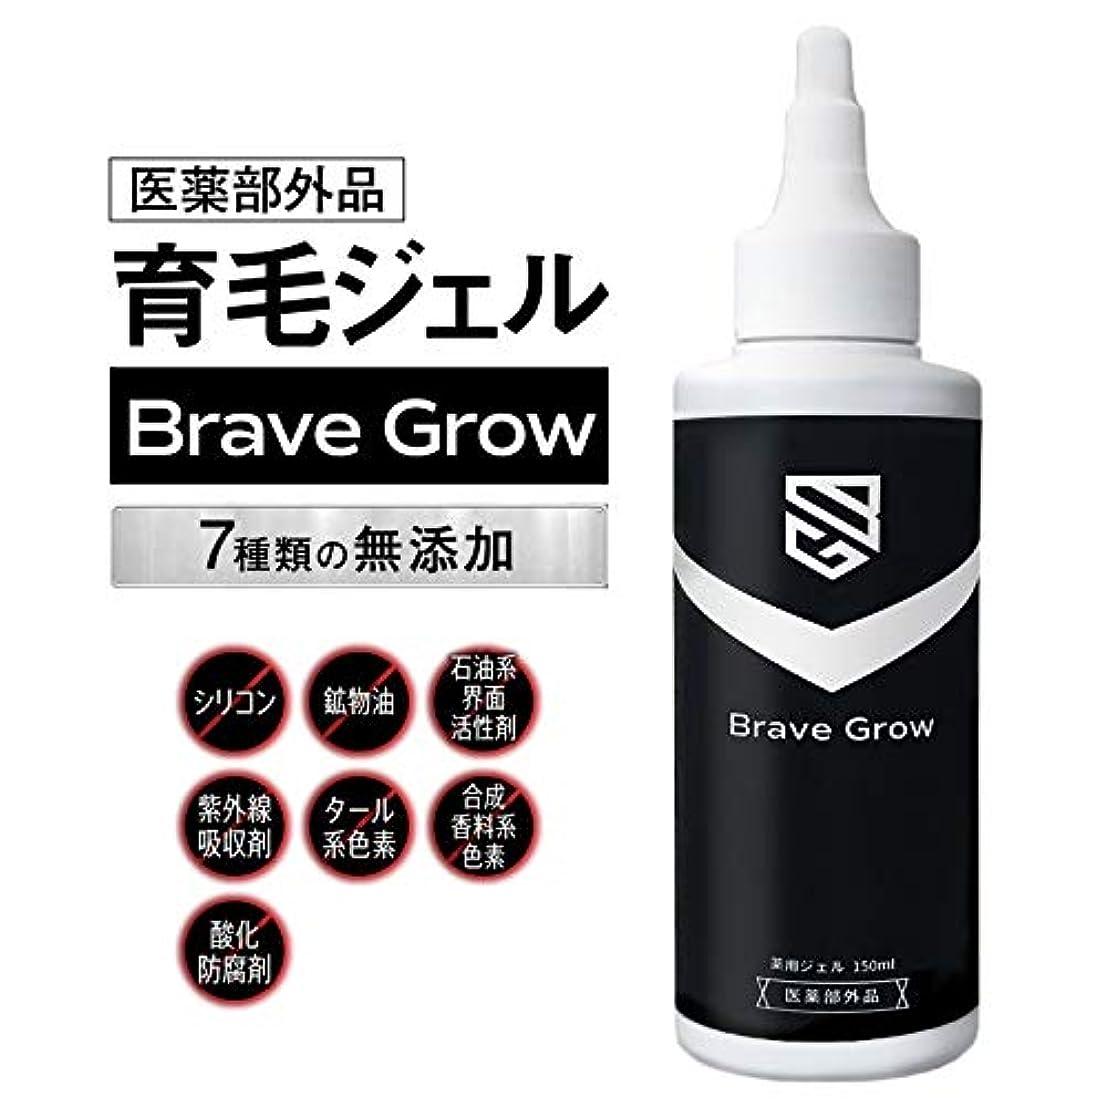 育毛剤 BraveGrow ブレイブグロー 150ml 【医薬部外品】ジェルタイプ 男性